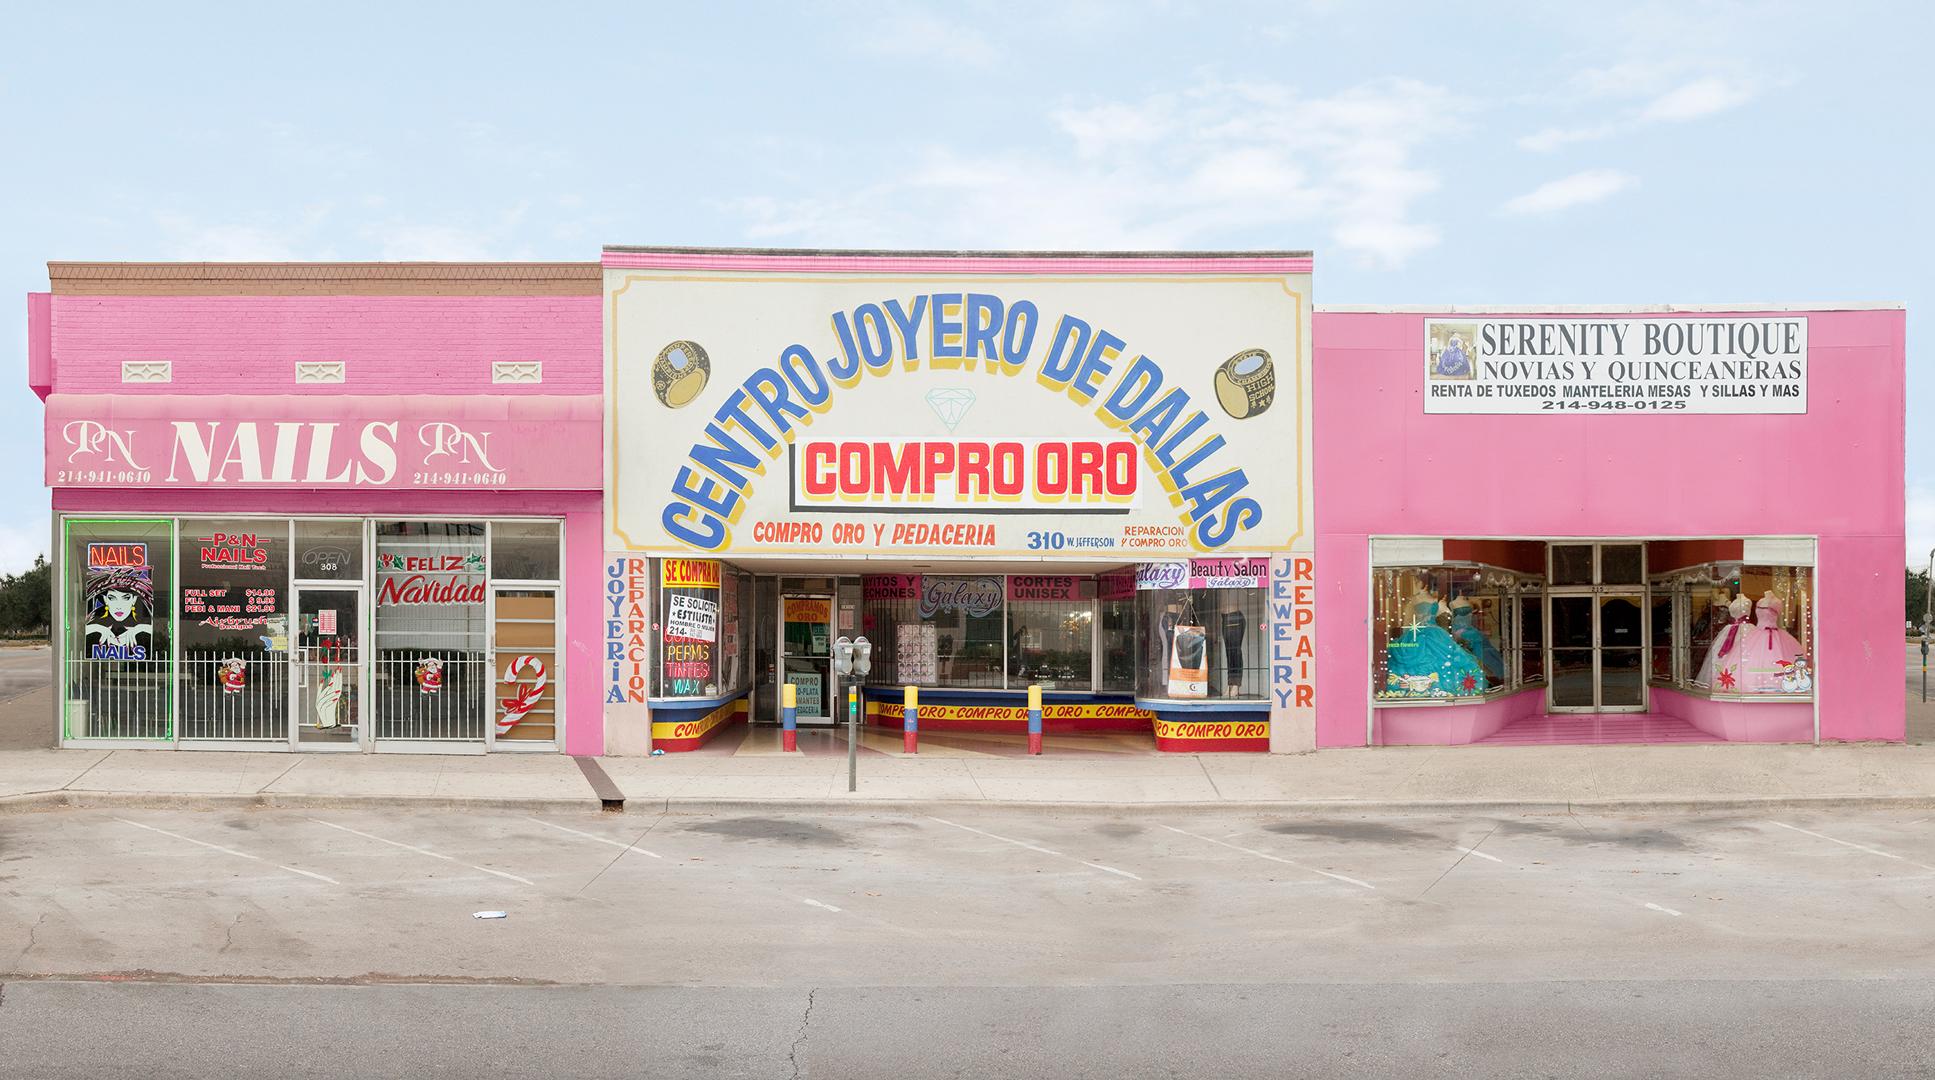 Centro Joyero,  25 x 45 inches, archival pigment print, 2011